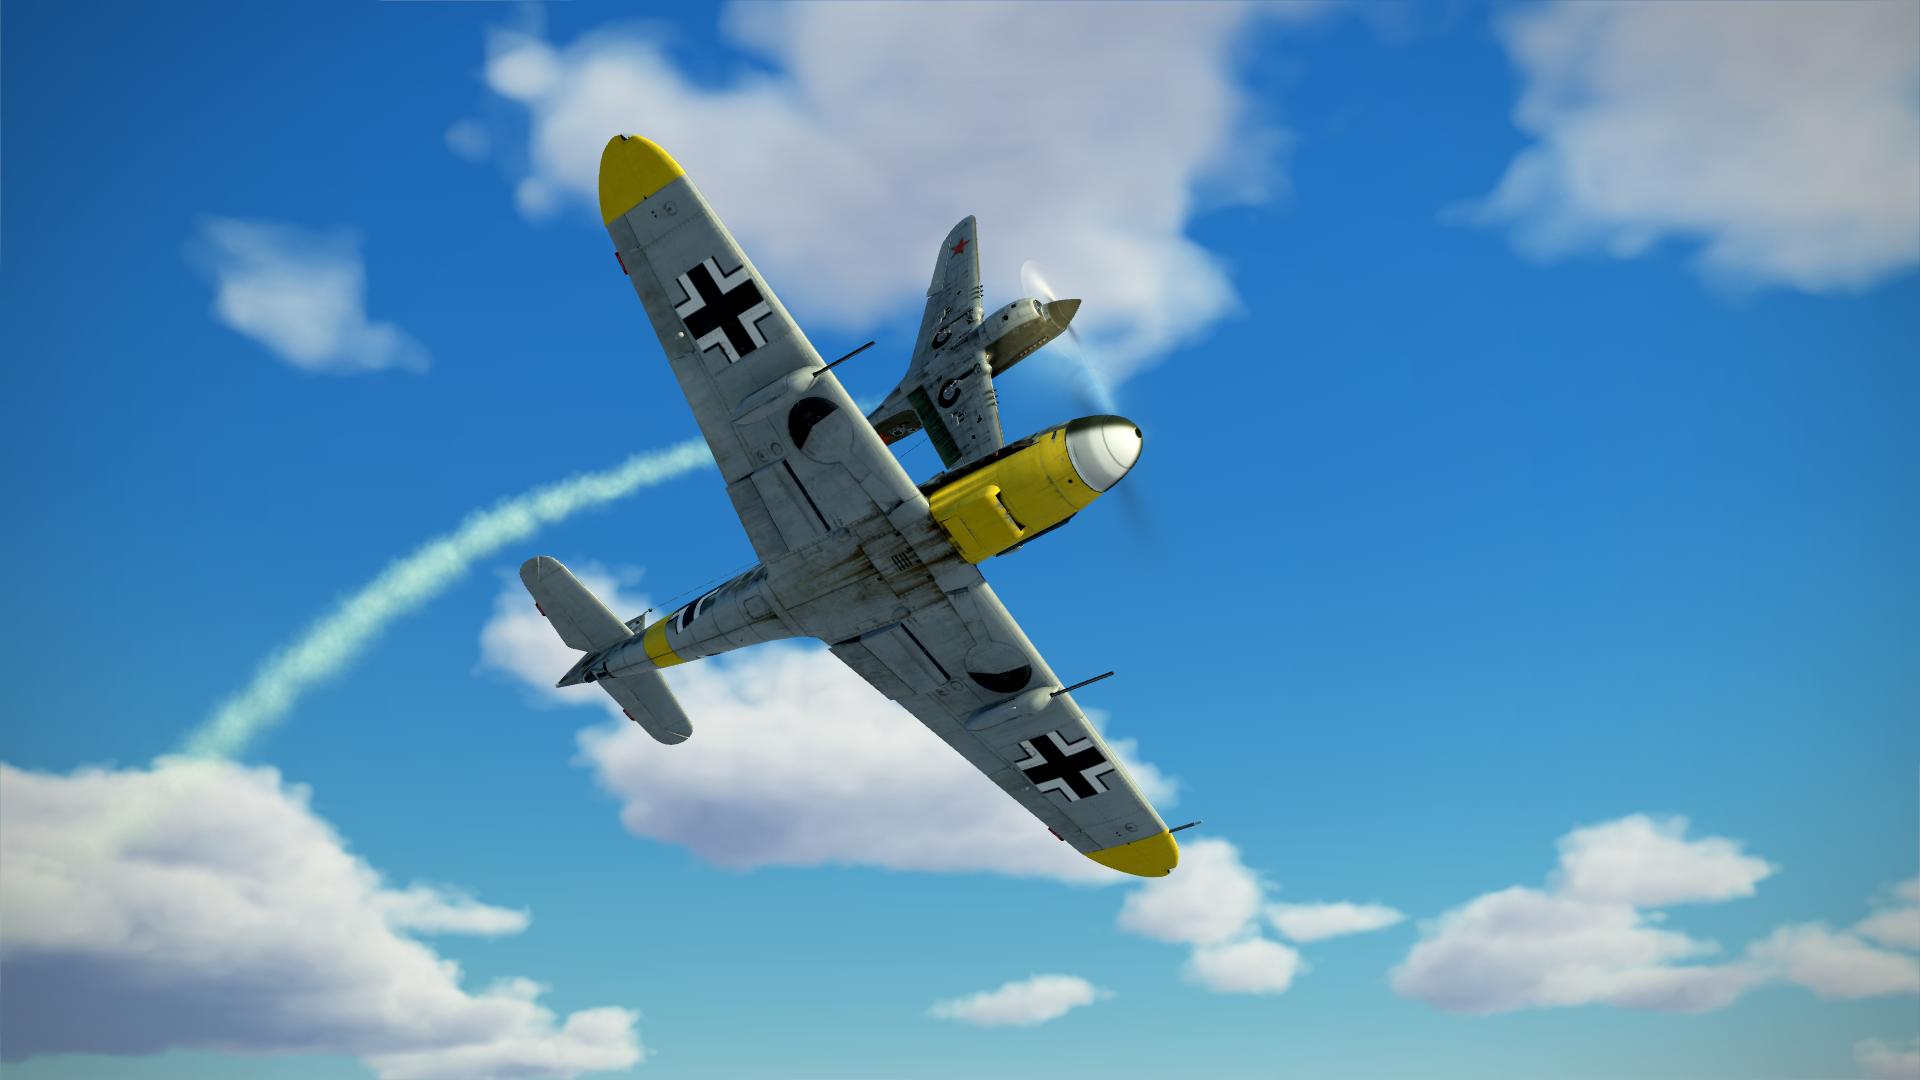 IL-2 Sturmovik Battle of Stalingrad Screenshot 2020.03.24 - 22.53.33.31.png